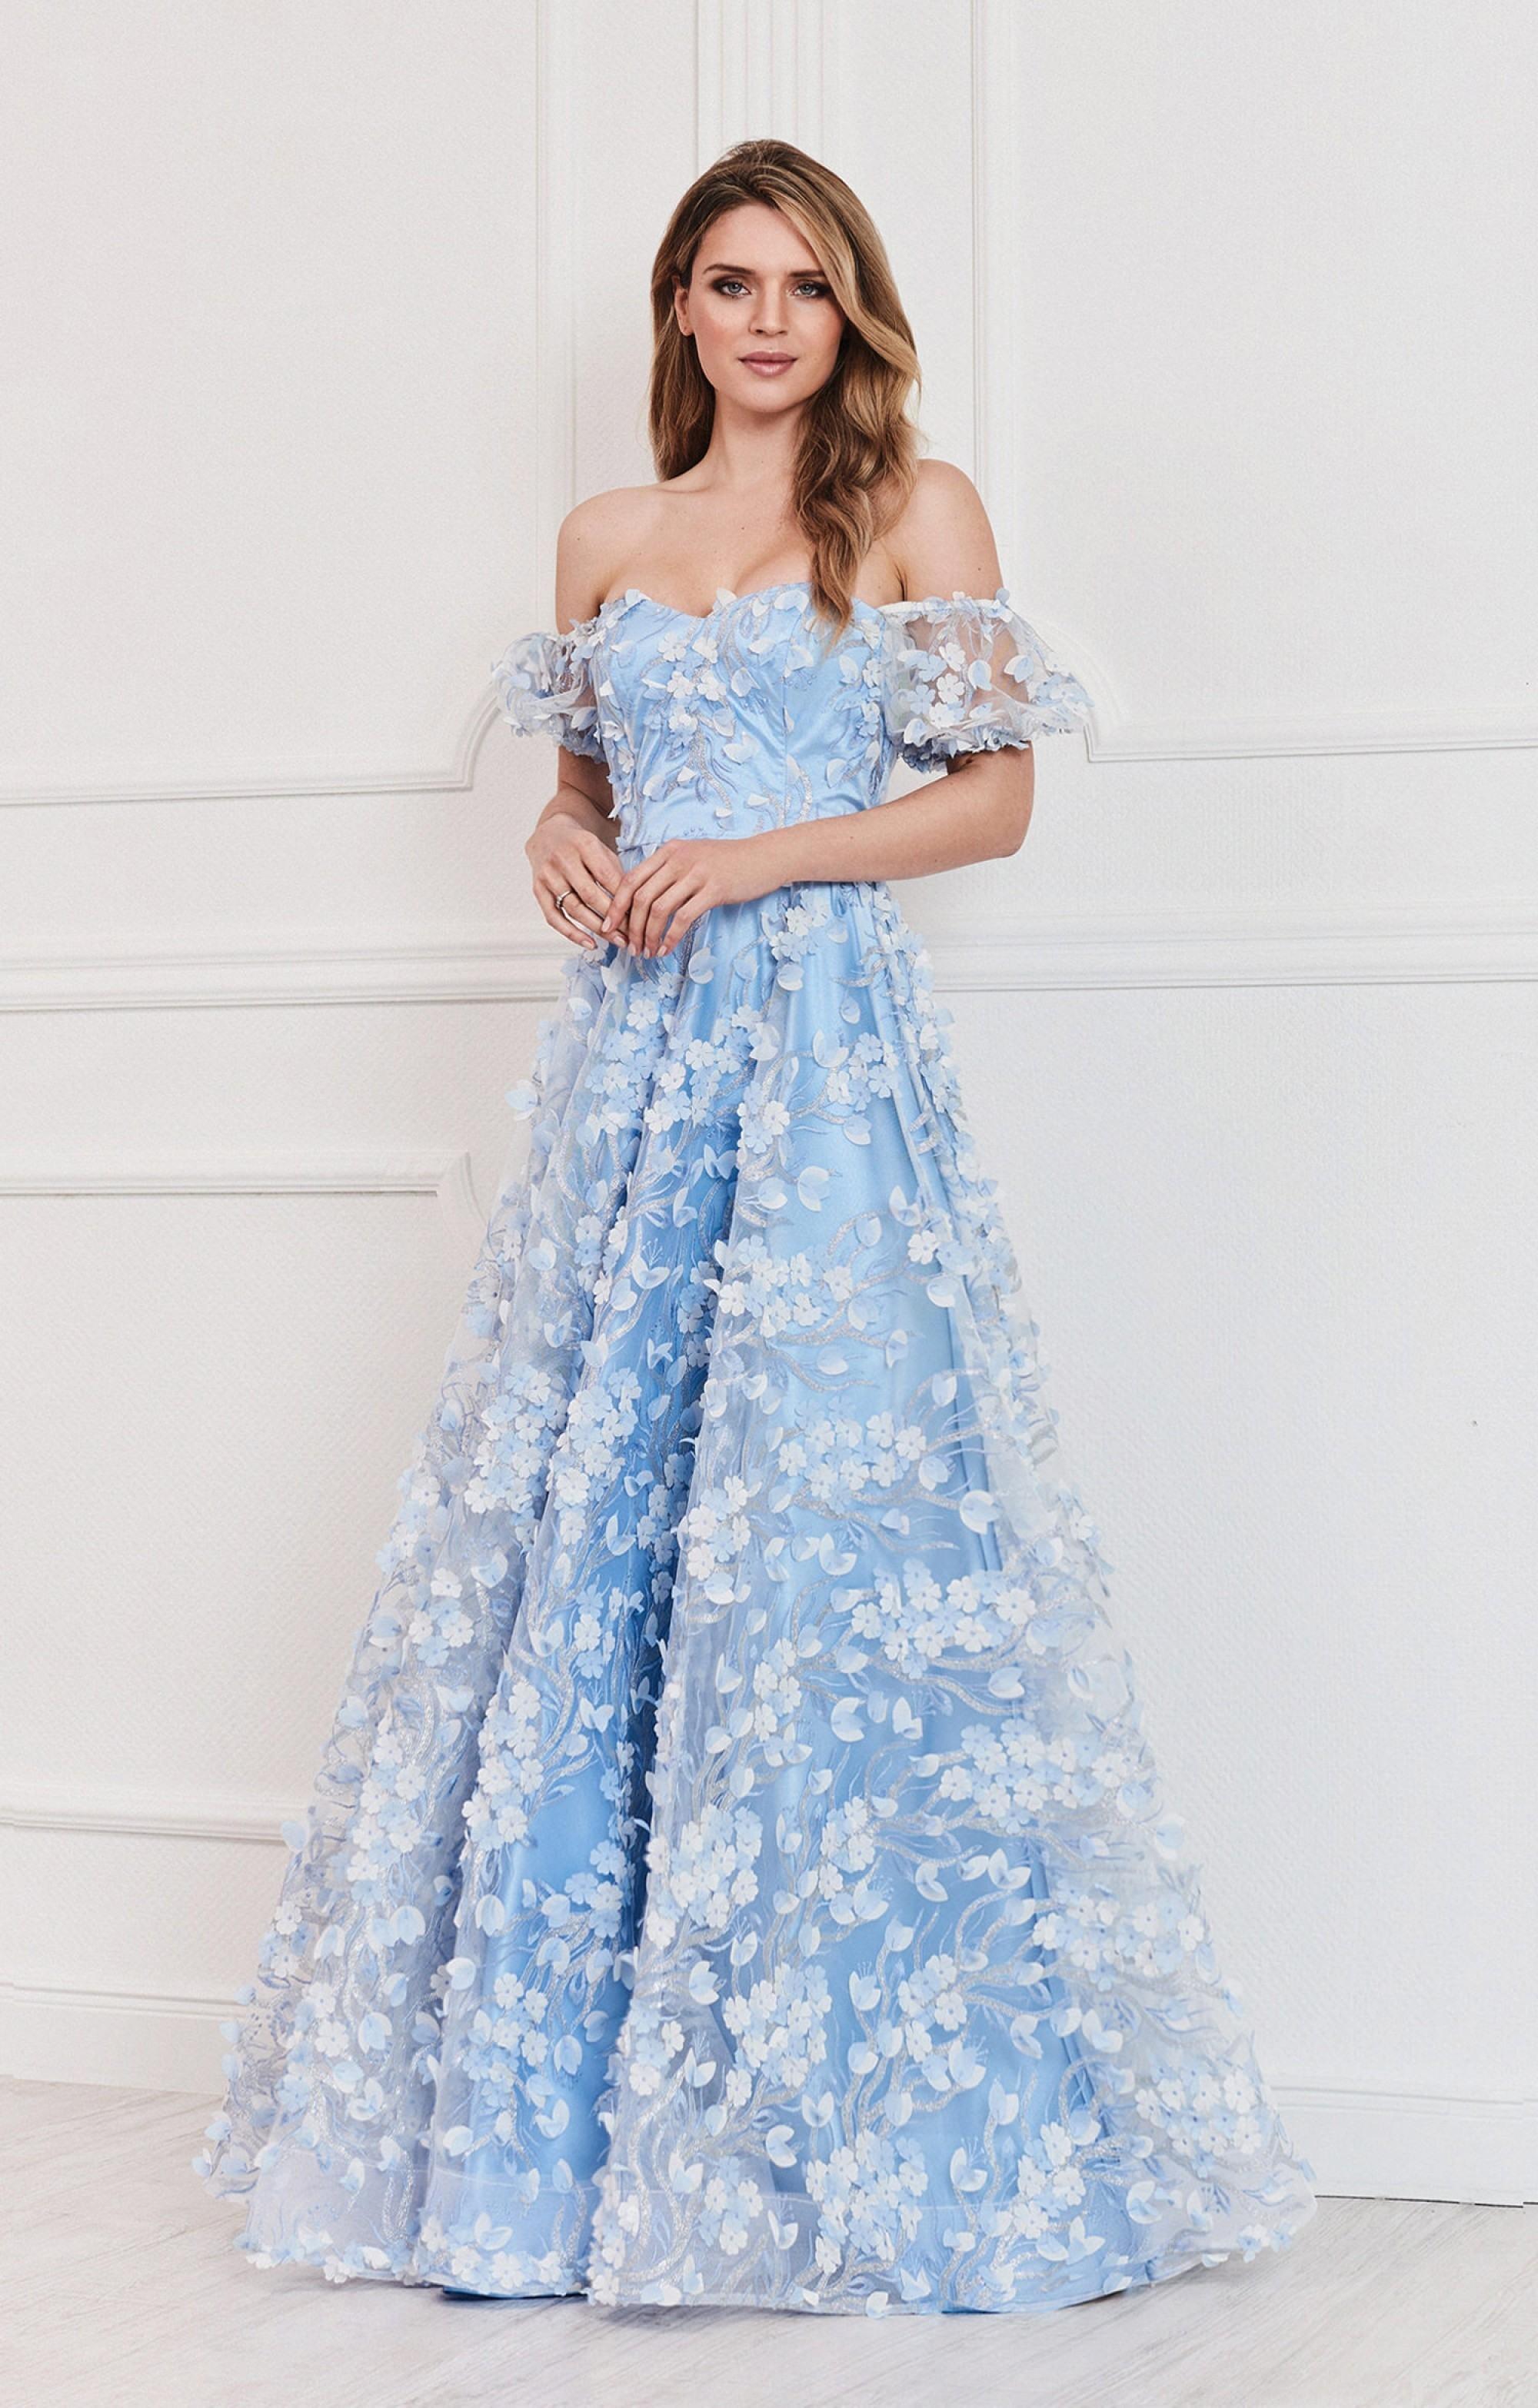 17 Kreativ Ich Suche Abendkleider BoutiqueAbend Coolste Ich Suche Abendkleider Design